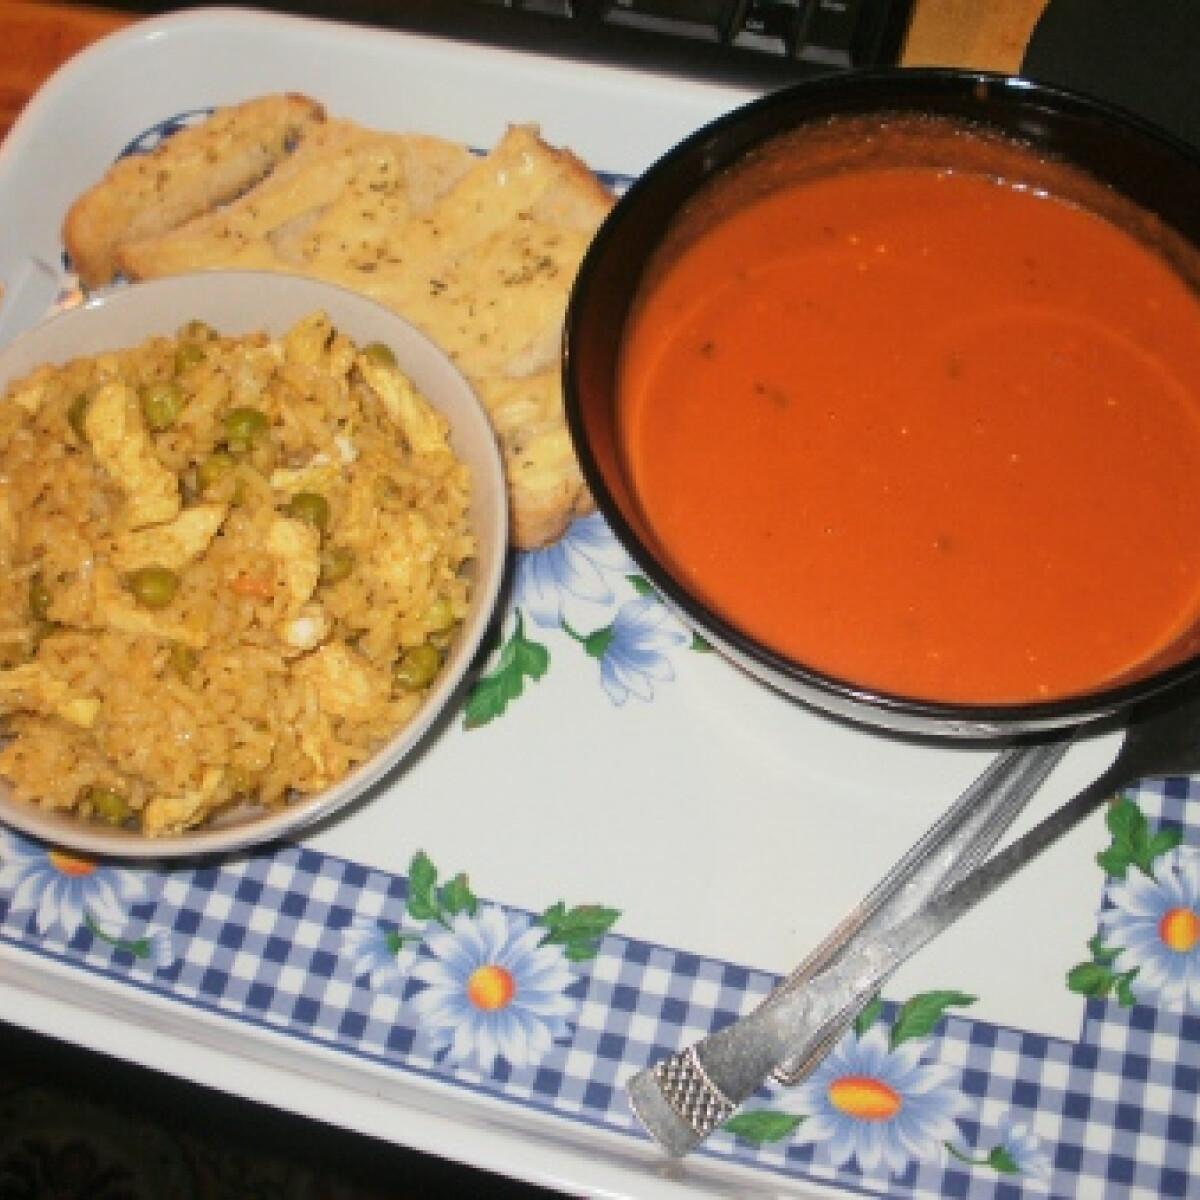 Ezen a képen: Curry-s rizs tojástekerccsel